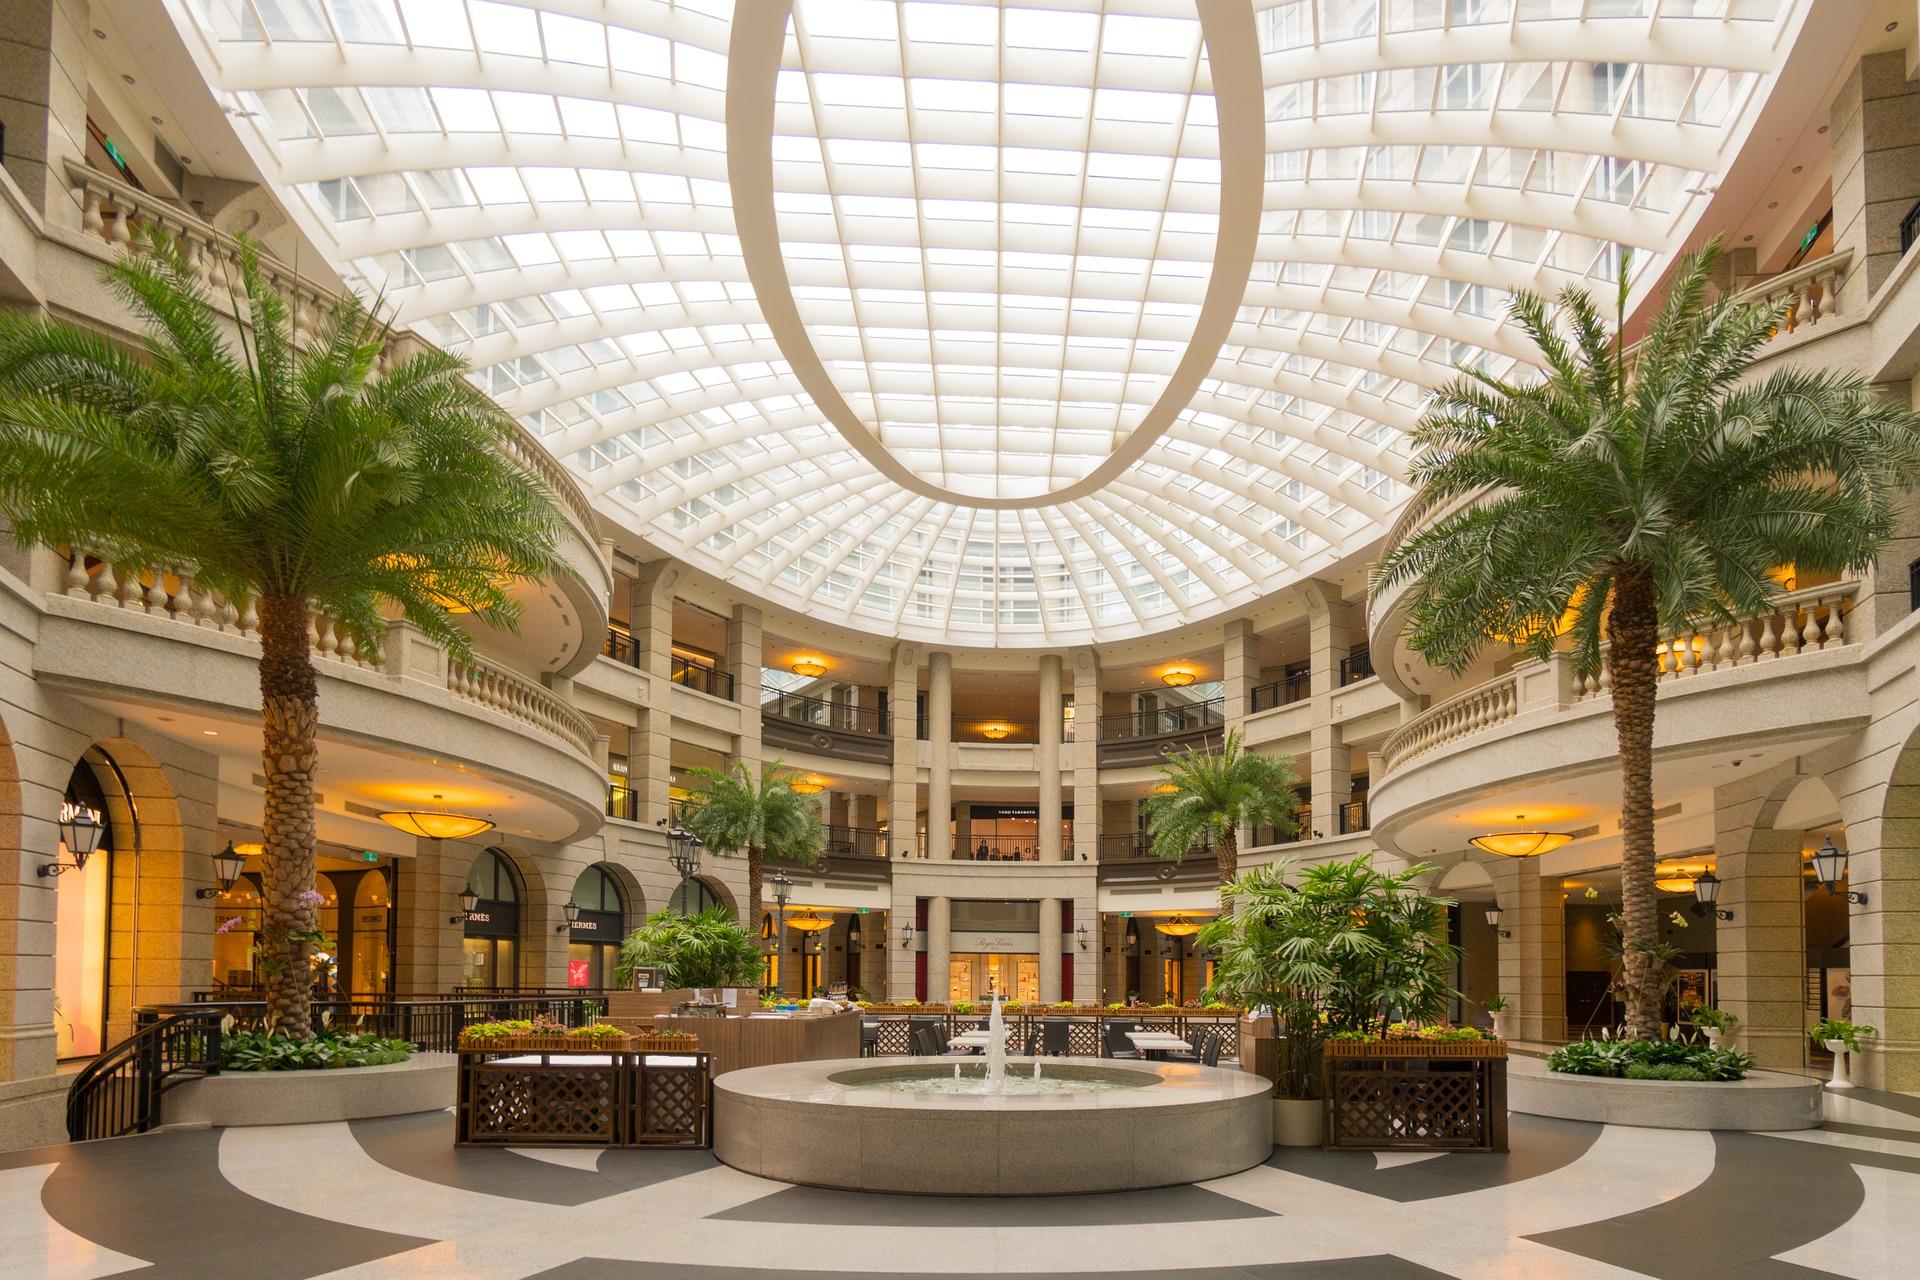 Einkaufszentrum mit Palmen von   pixabay von steven_yu